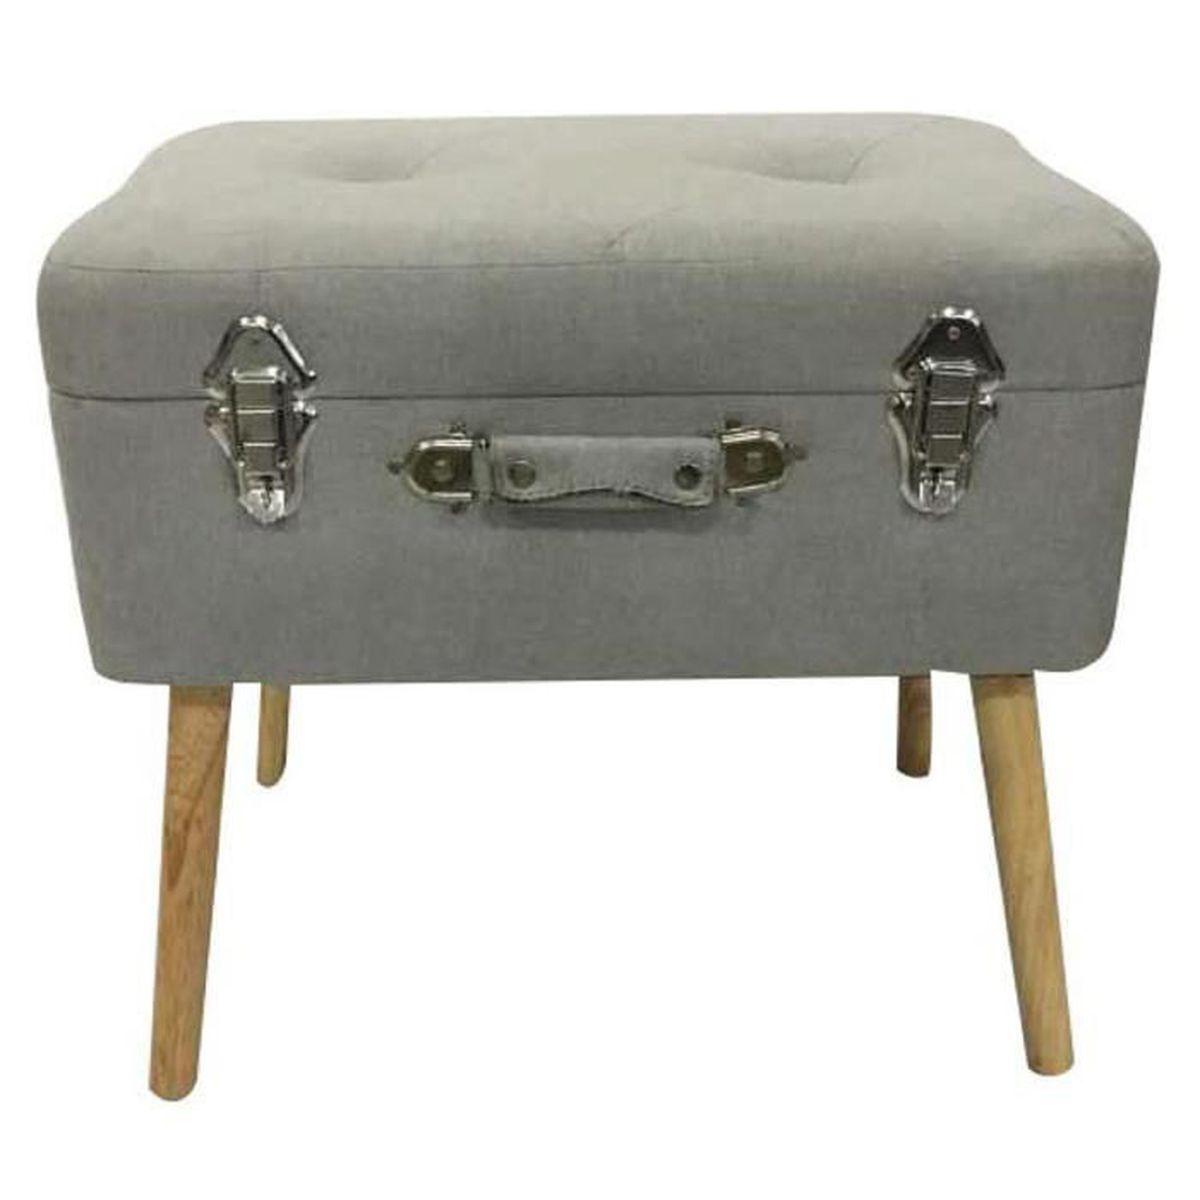 Porte Bois Gris Clair coffre valise en bois et polyester coloris gris clair - dim